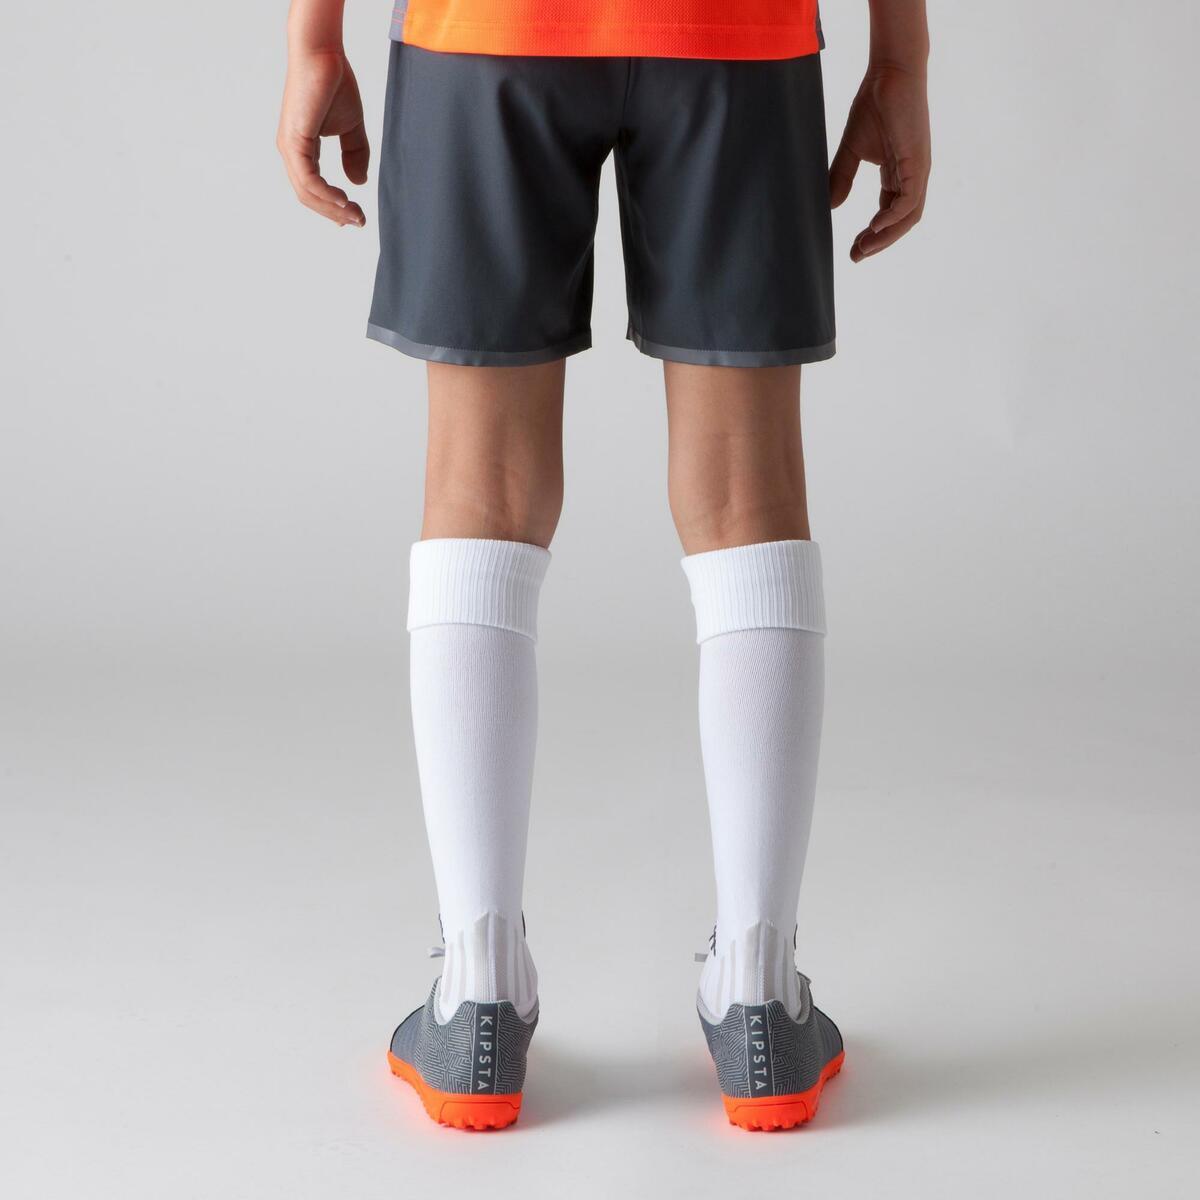 Bild 4 von Fußballshorts F500 Kinder grau/orange